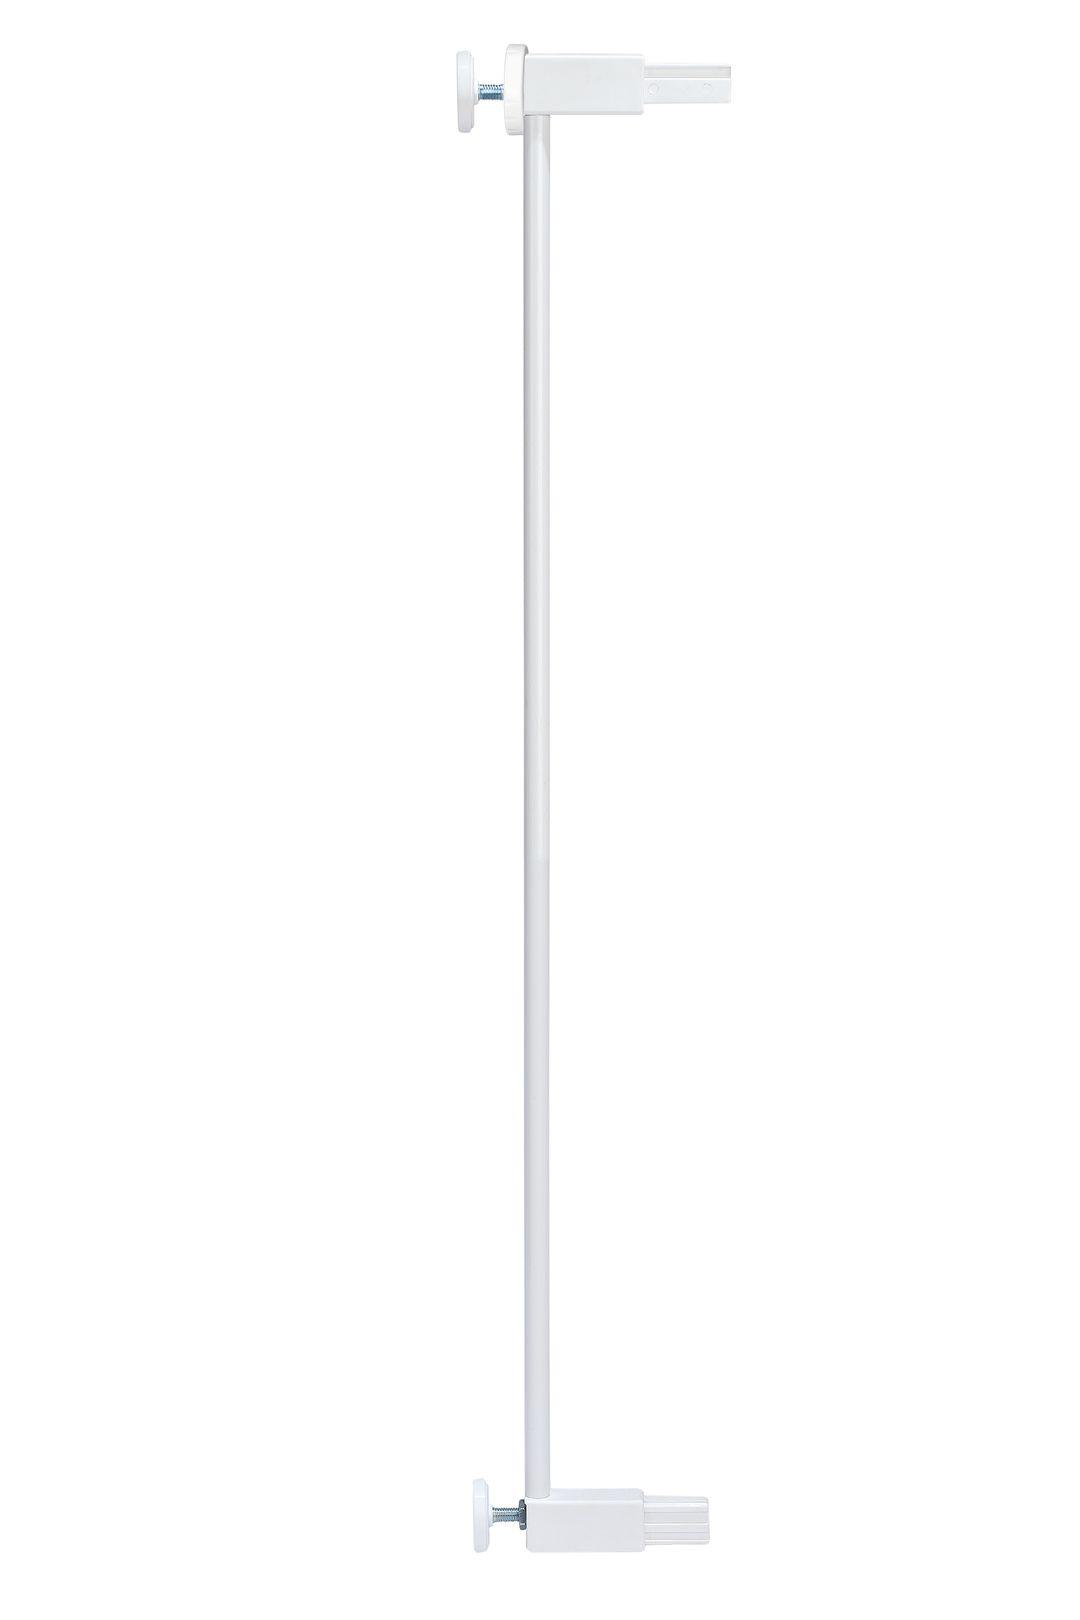 Дополнительная секция Safety 1st (7 см) для ворот EASY CLOSE EXTRA TALL METAL белый барьеры и ворота red castle удлиняющая вставка 14 см для ворот безопасности auto close